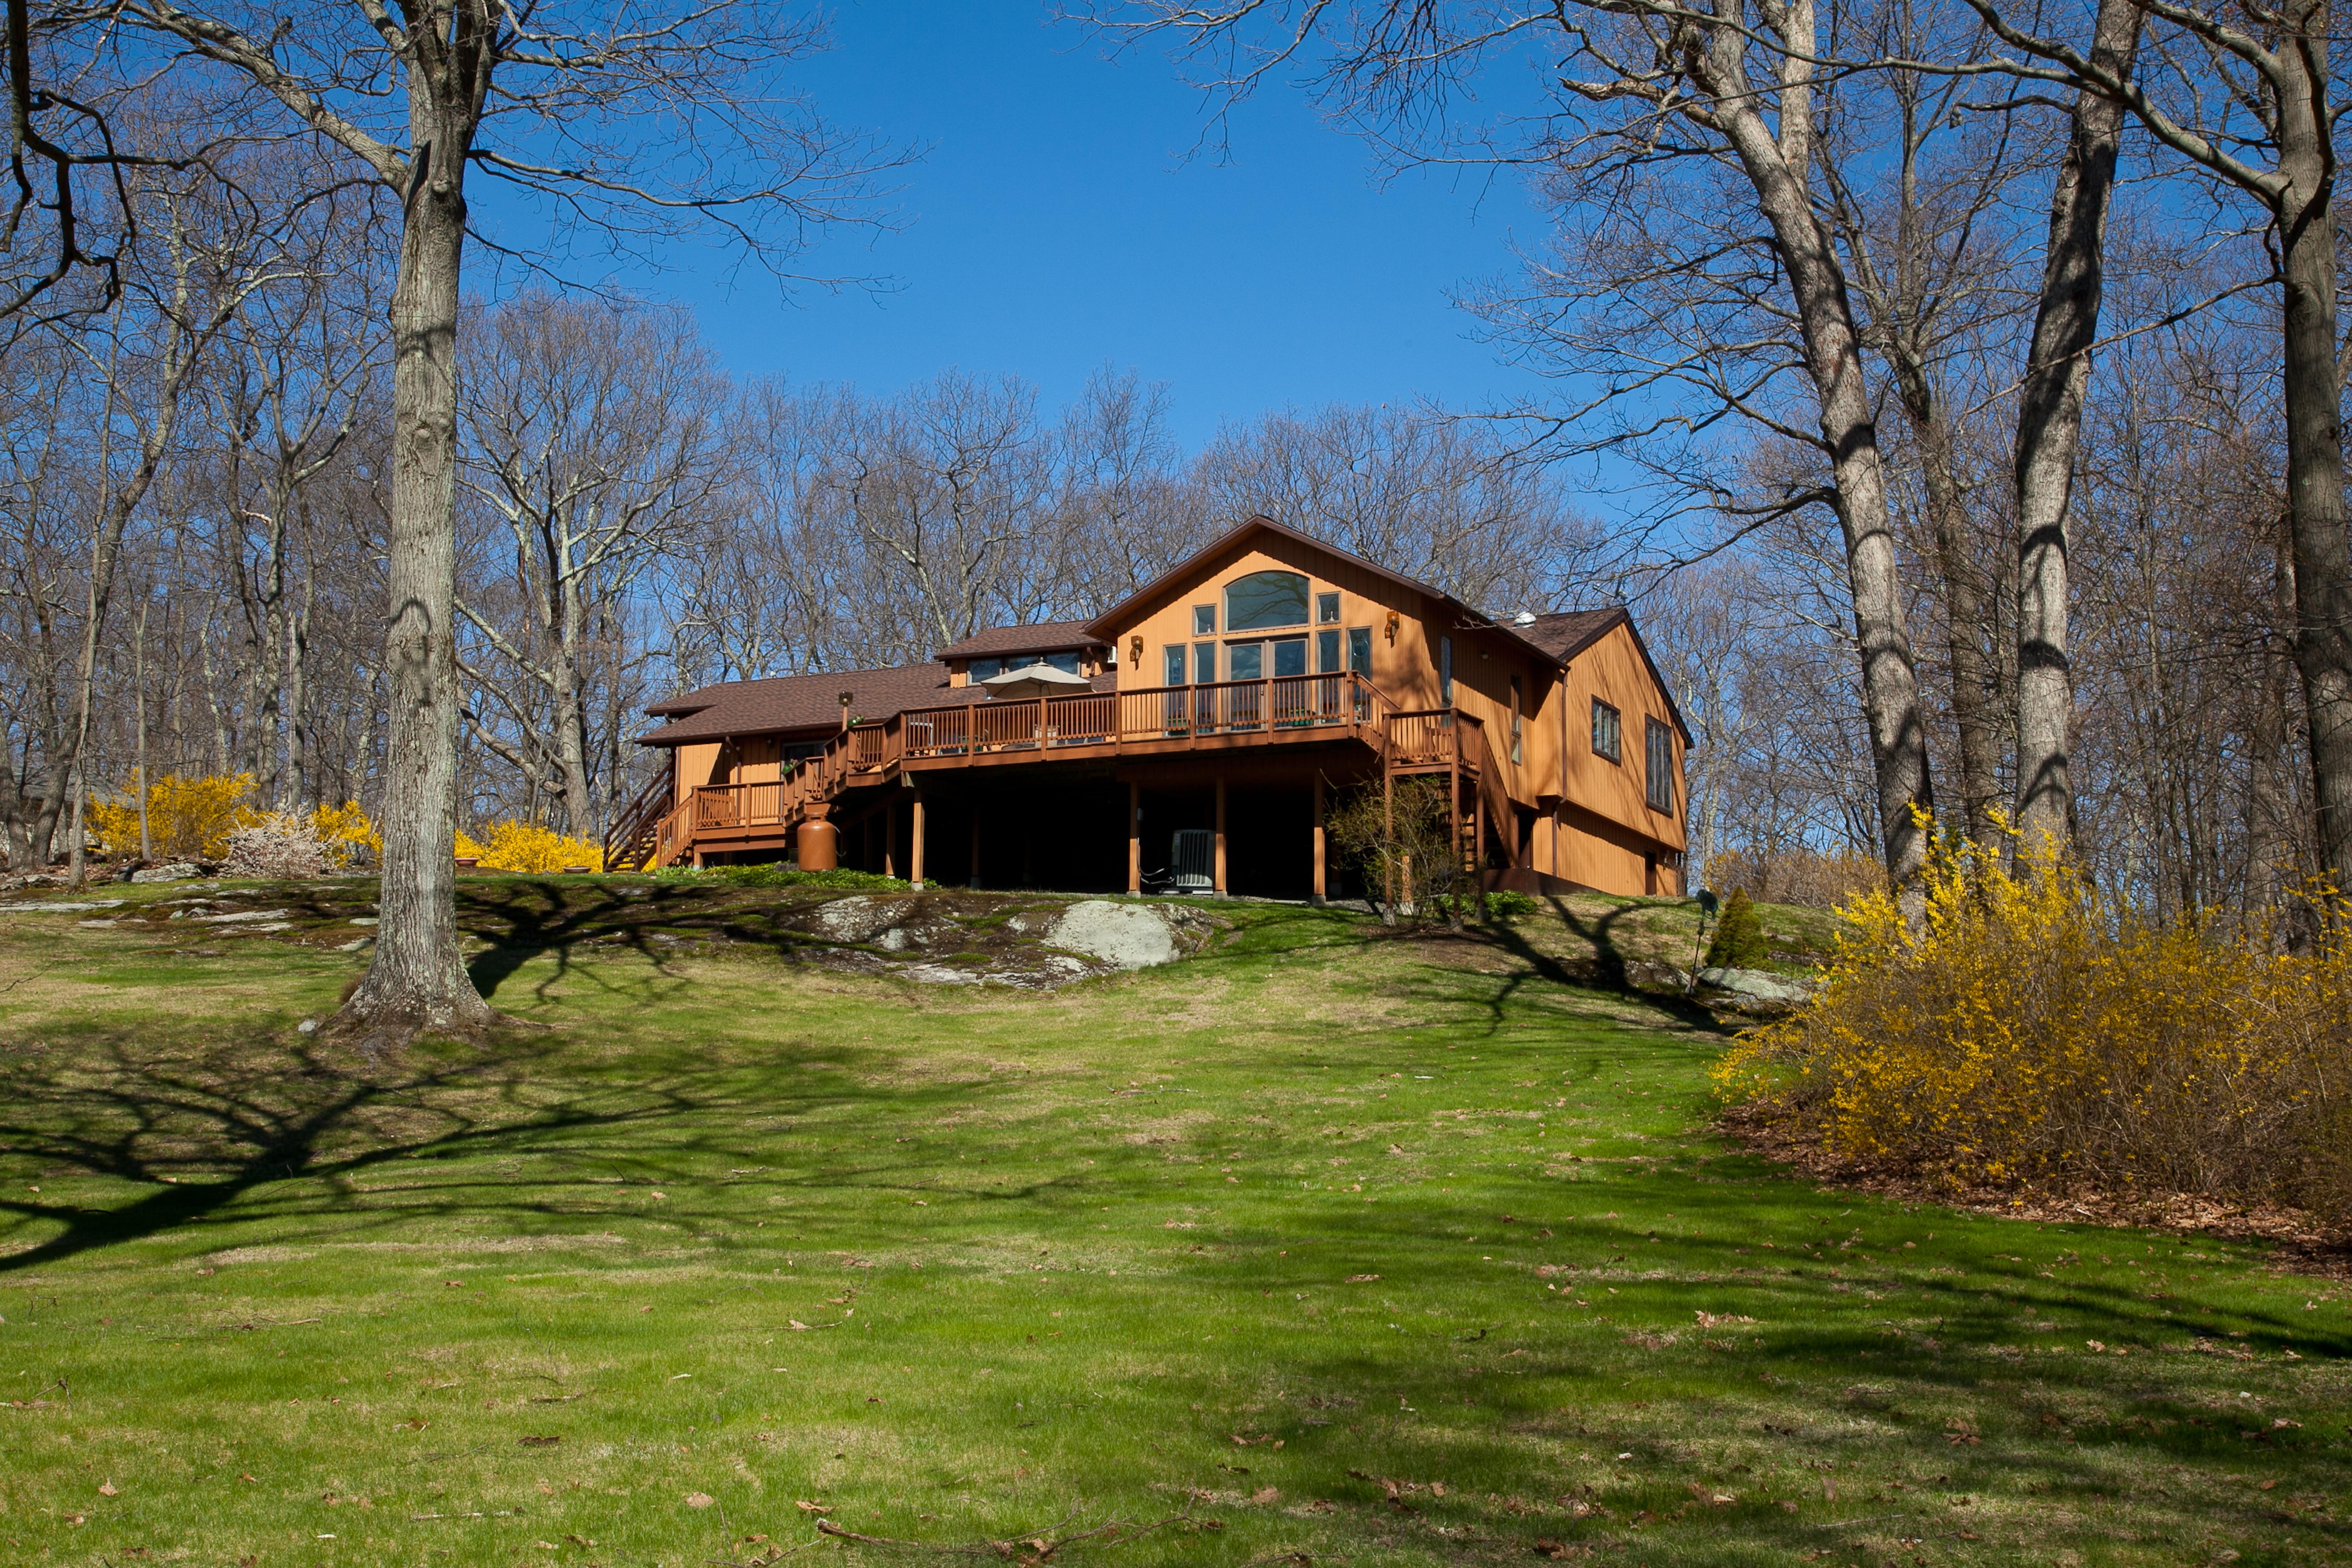 Частный односемейный дом для того Продажа на Big Trail Contemporary 3 Big Trail Ext Sherman, Коннектикут 06784 Соединенные Штаты